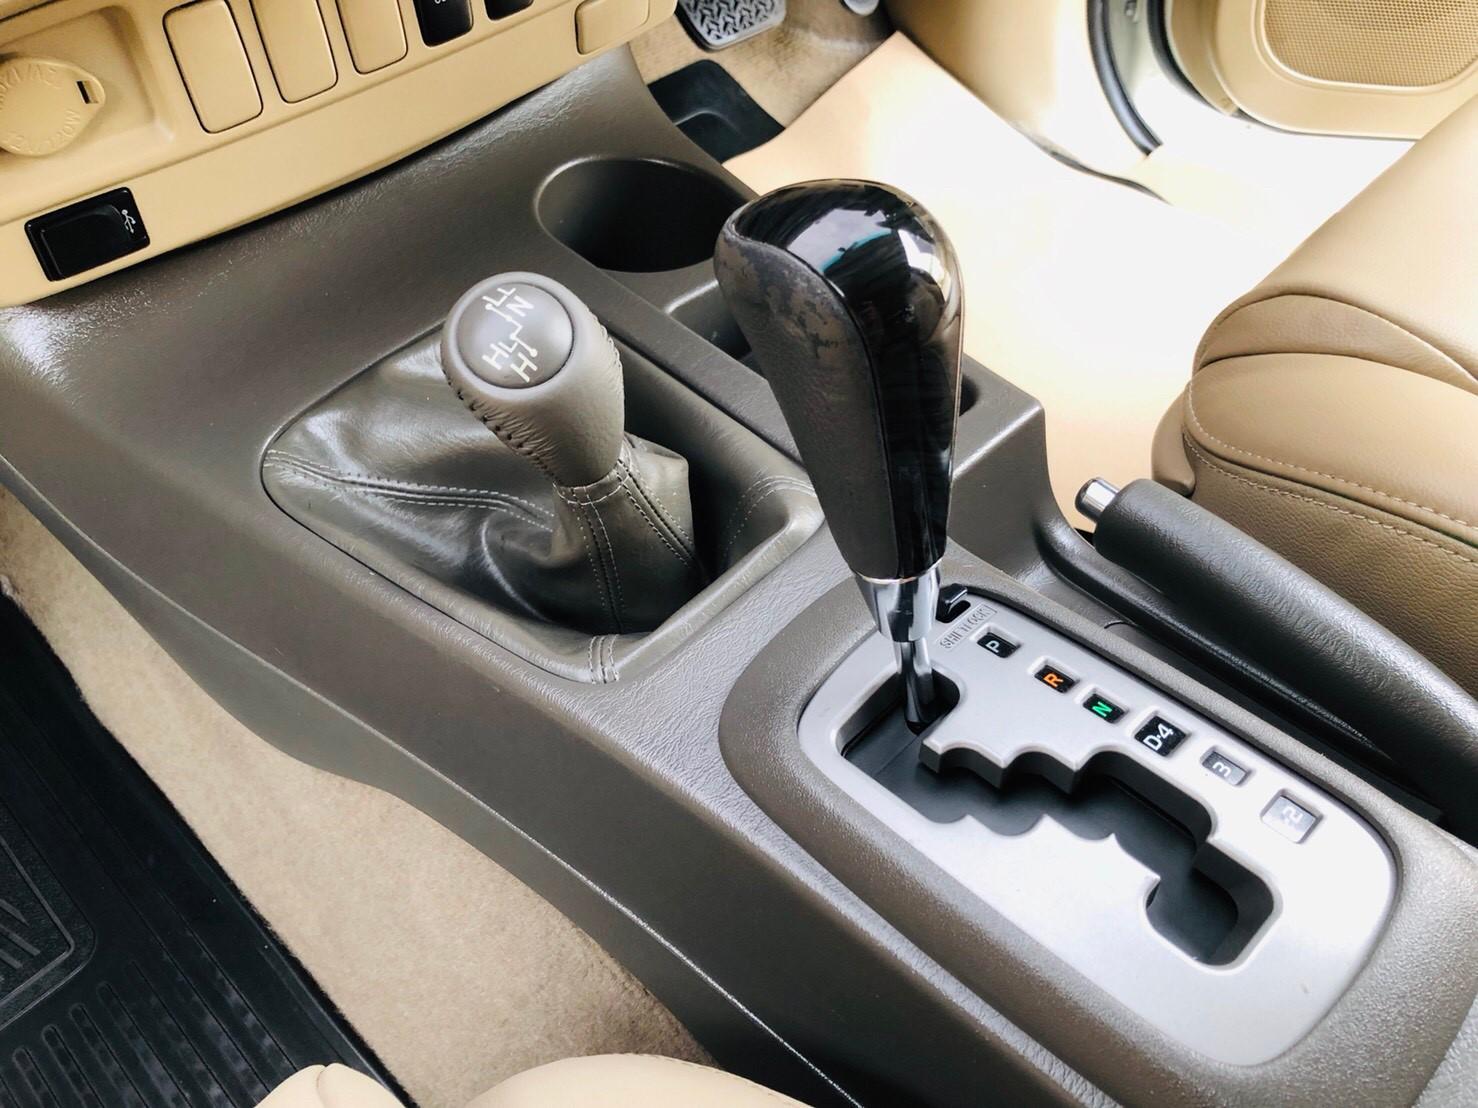 ภาพเกียร์ โตโยต้า ฟอร์จูนเนอร์ 3.0 V 4WD ปี 2013